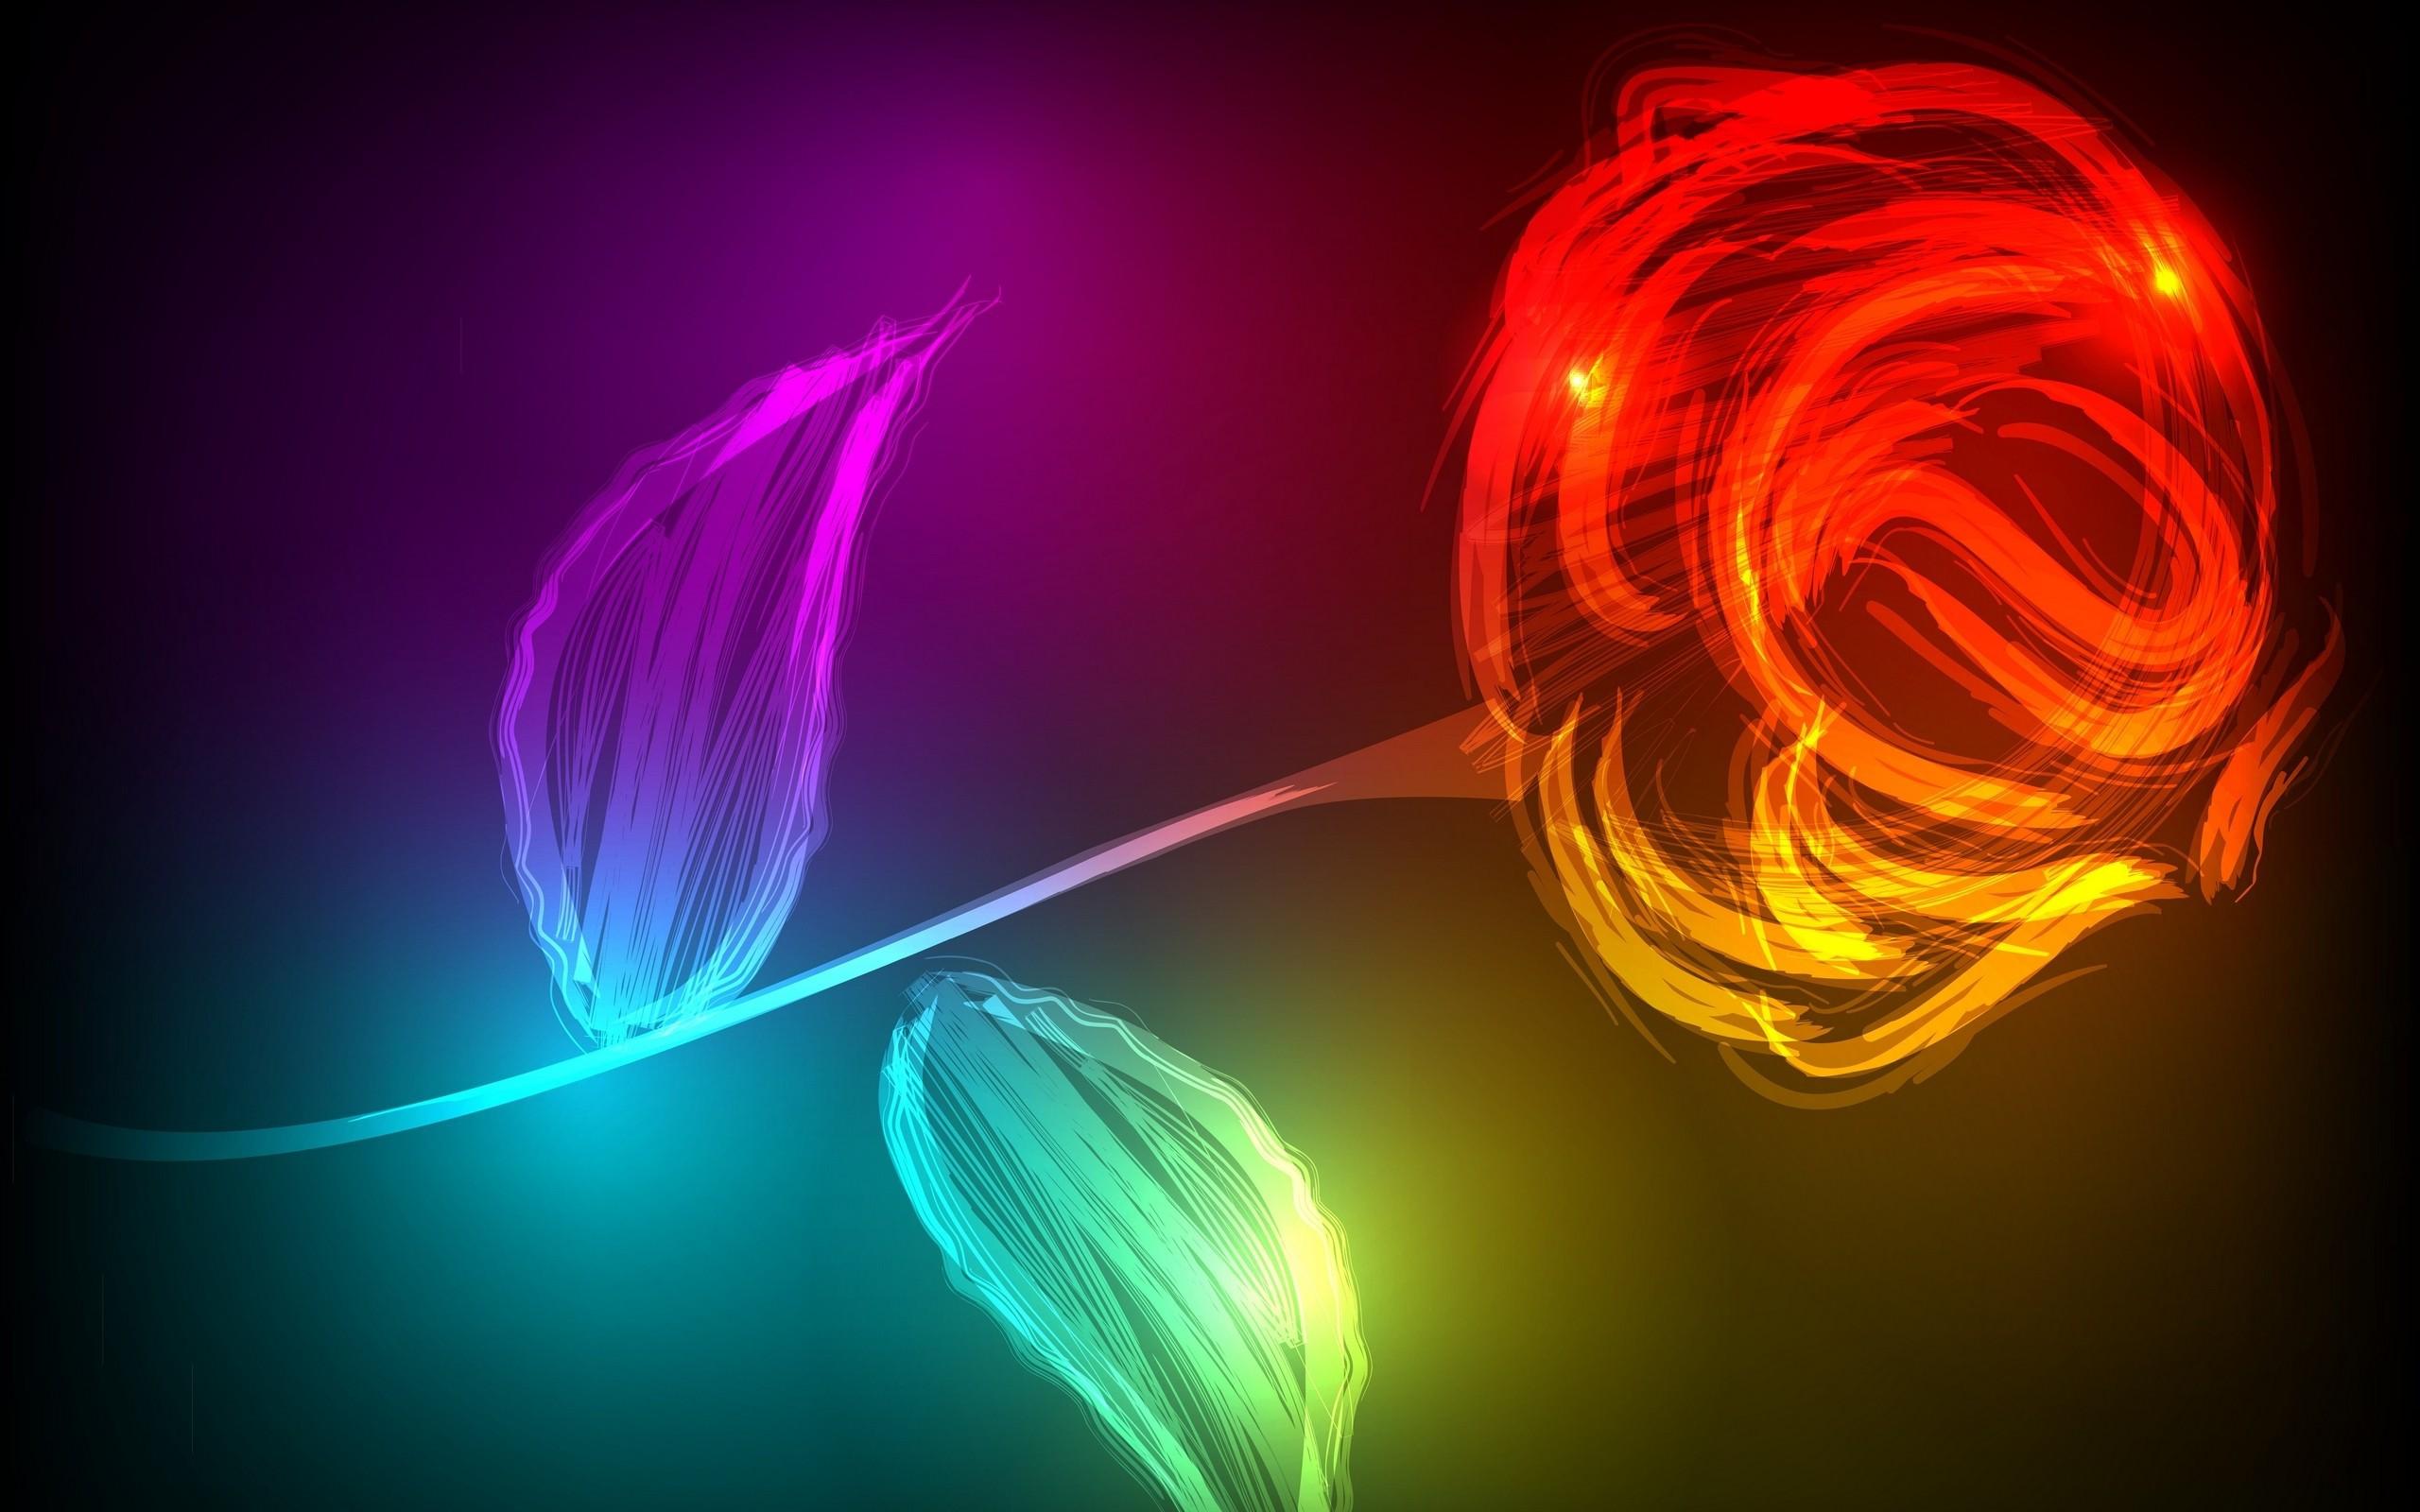 Фото с неоновыми цветами